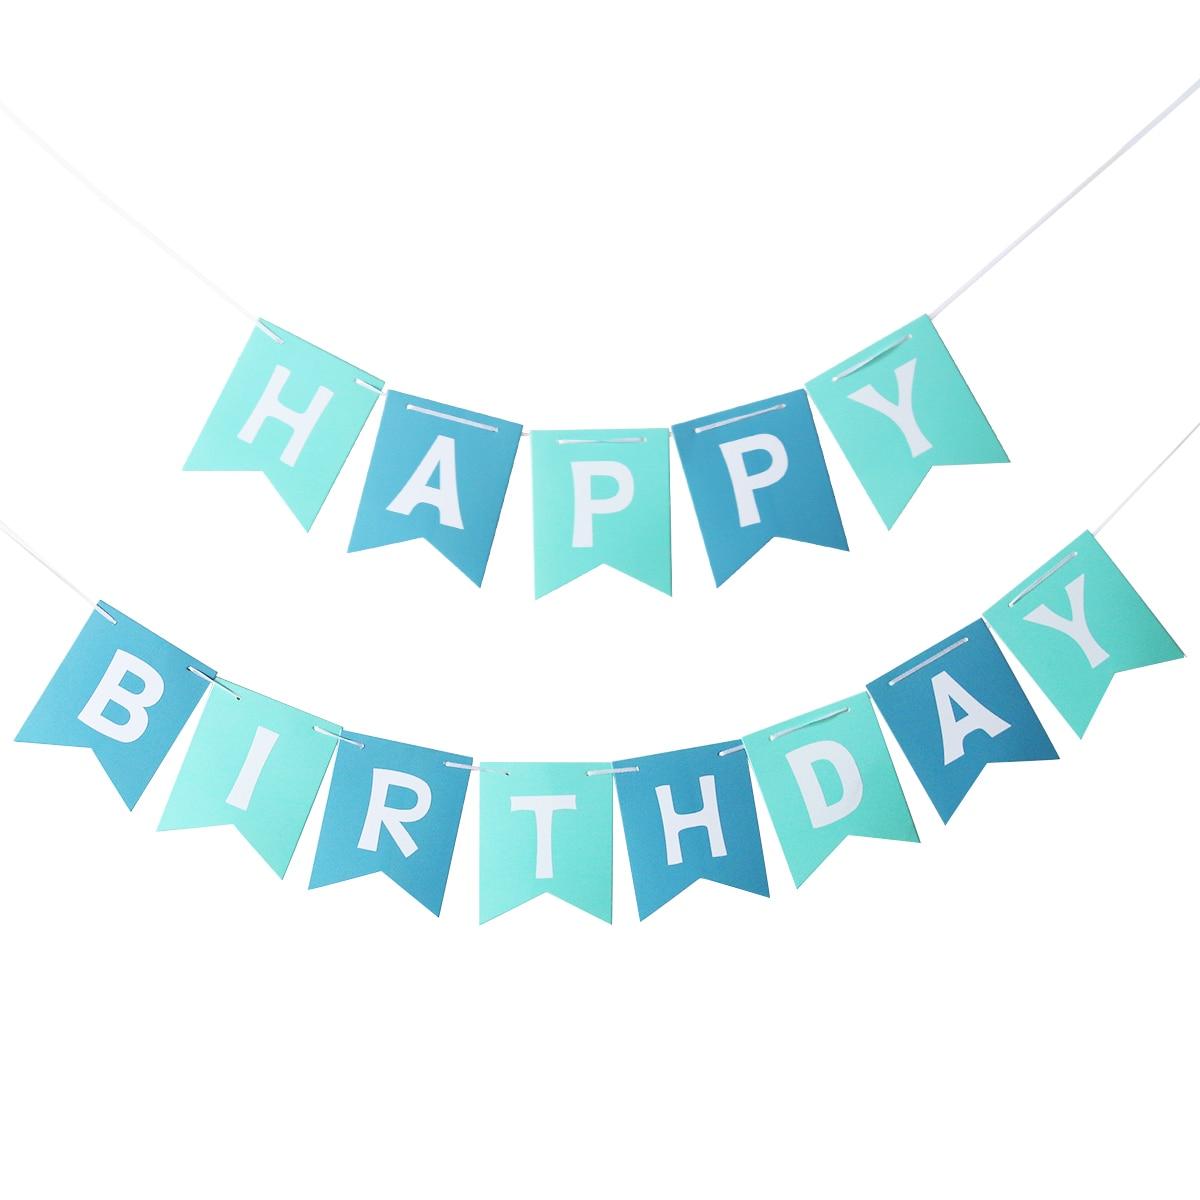 Relatively blue happy birthday banner - Baskan.idai.co GU01